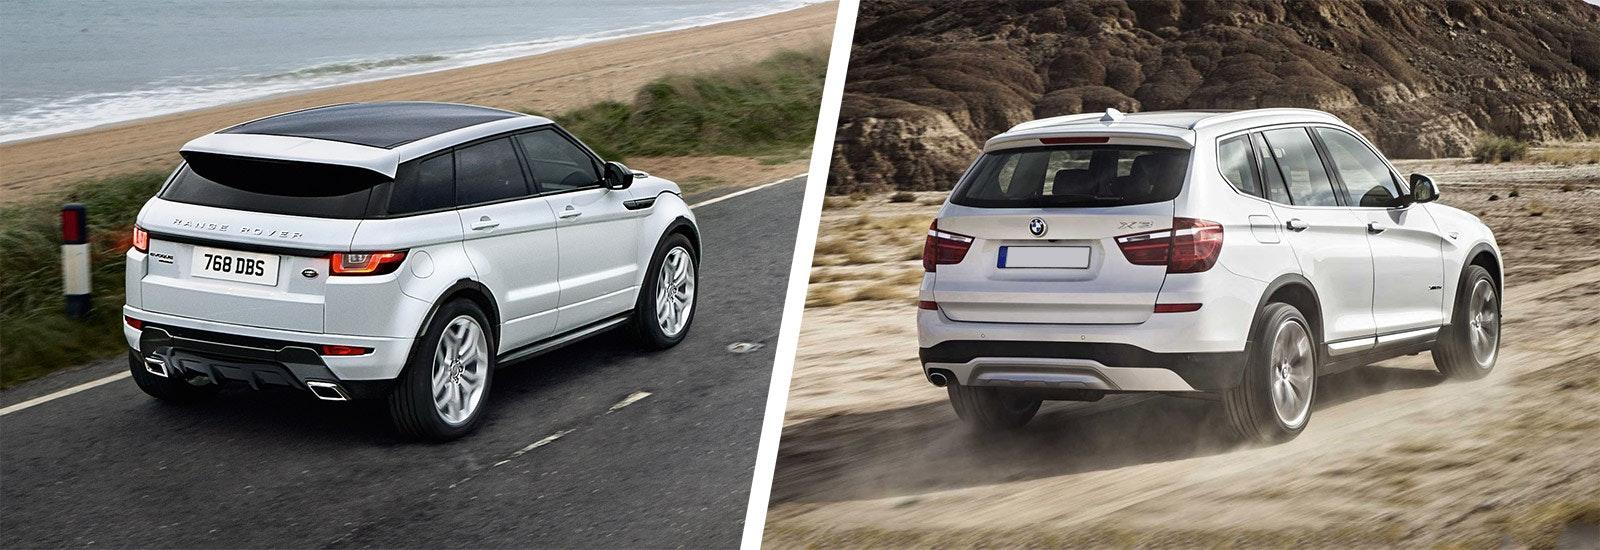 Range Rover Evoque Vs Bmw X3 Comparison Carwow